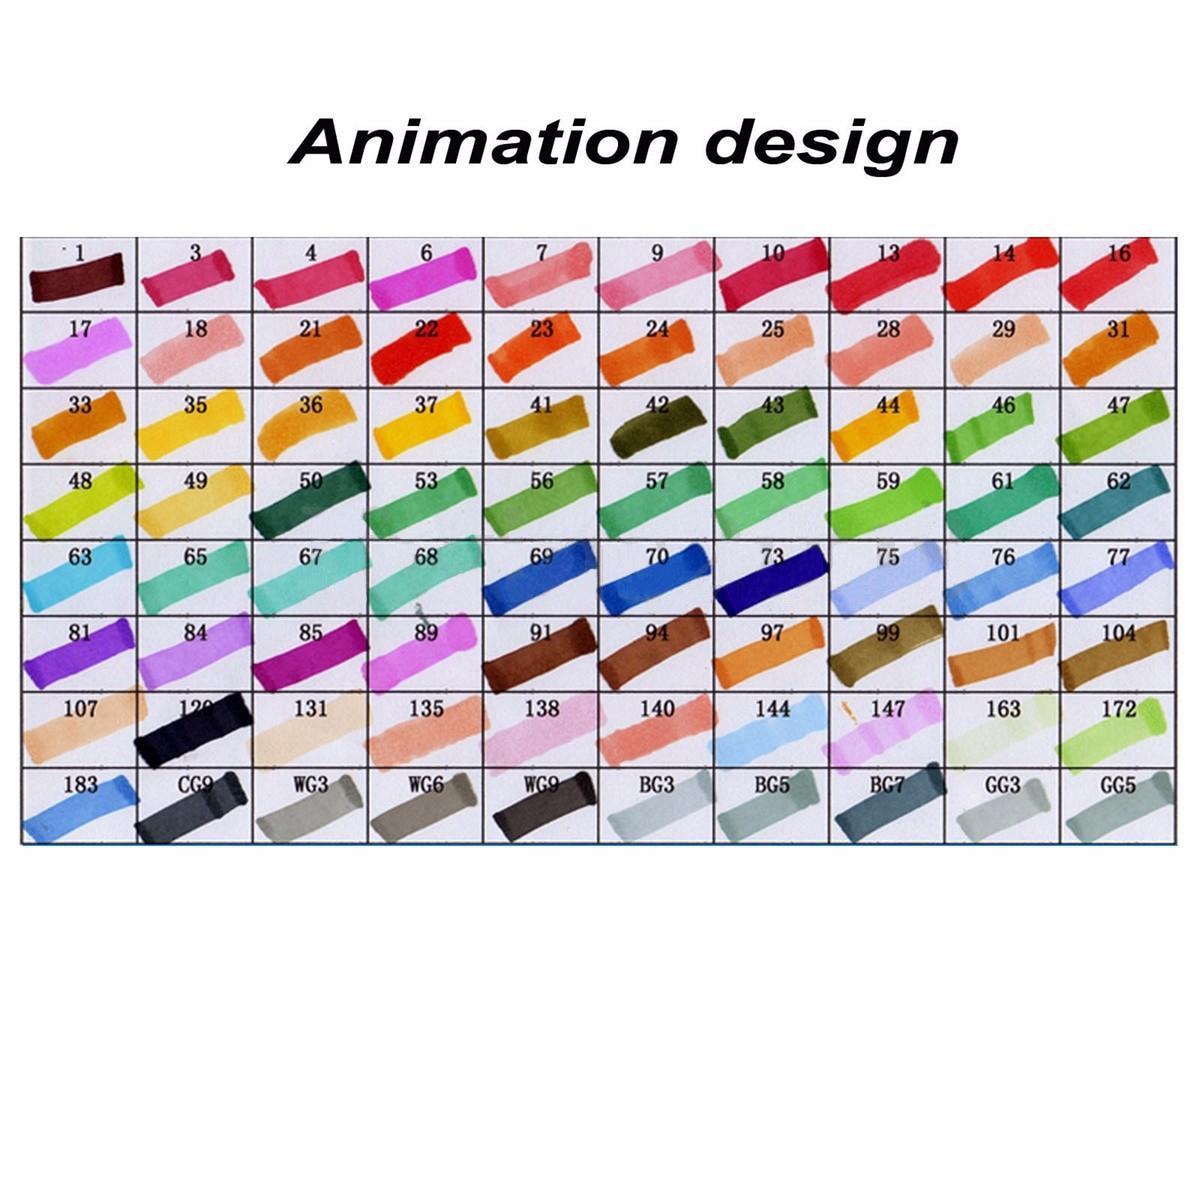 TouchFive 80 couleurs Marqueur Stylo marqueur Double Pointe Stylo Noir pour la Conception D'animation